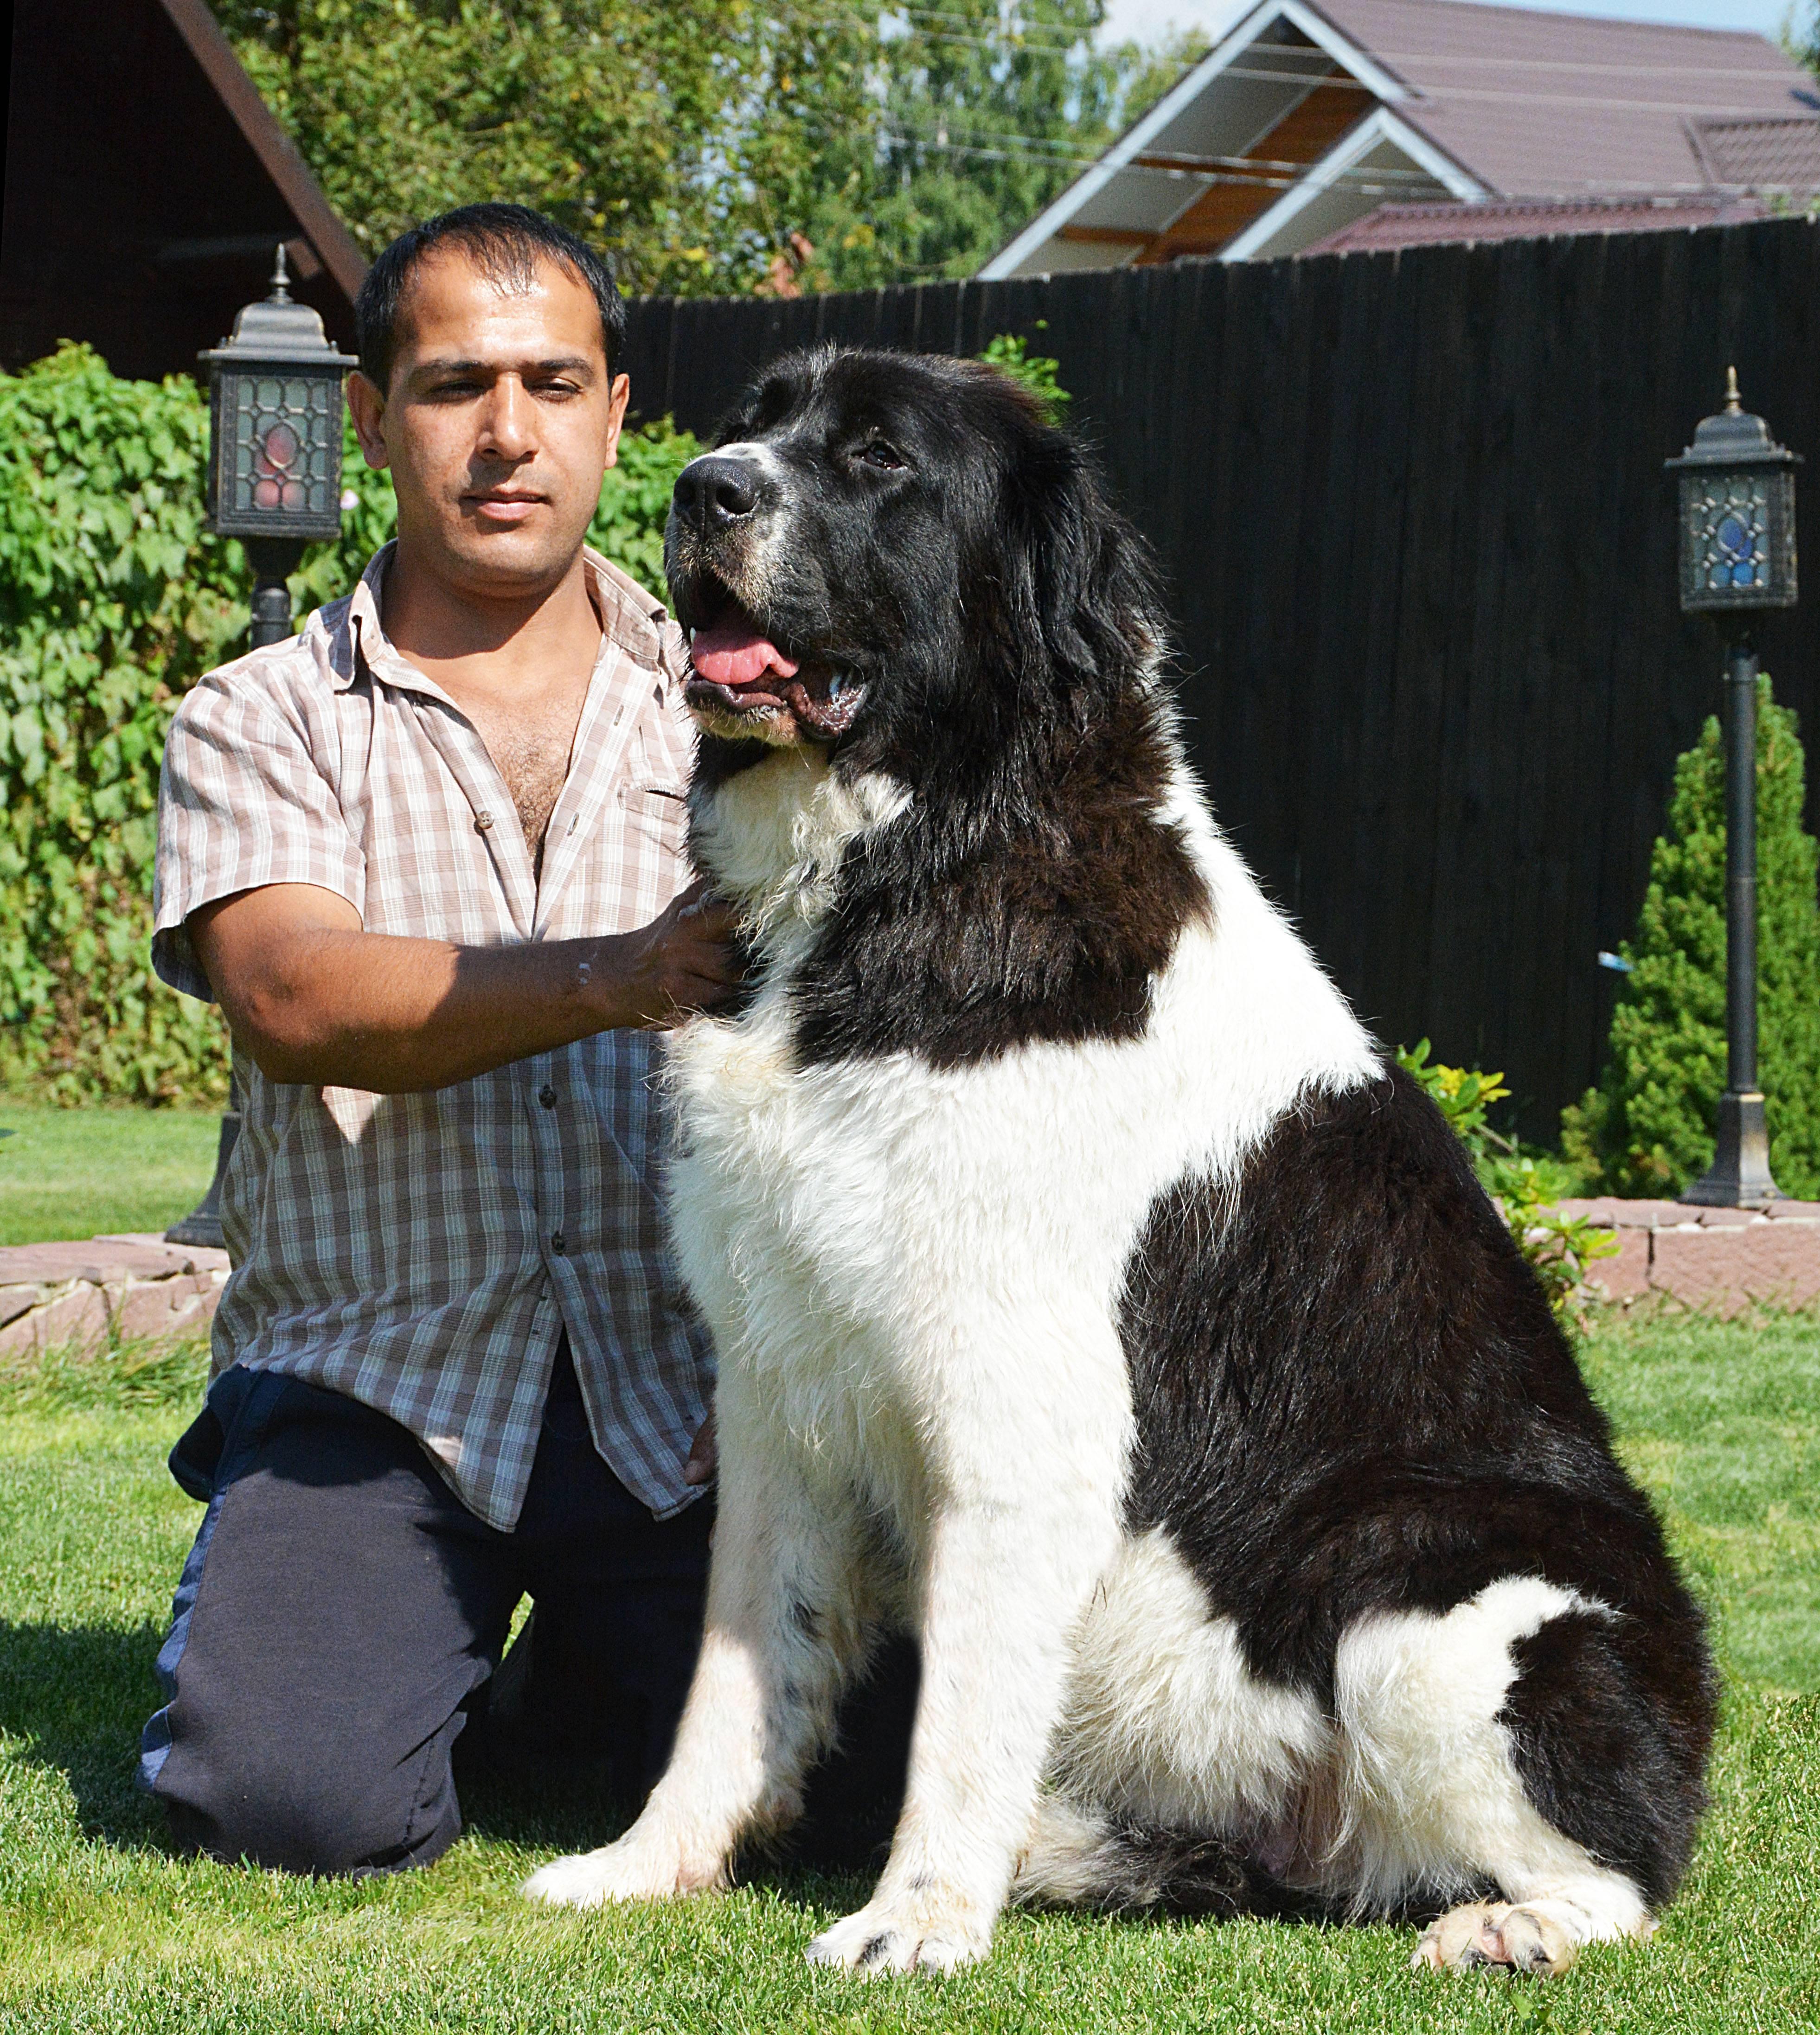 Болгарская овчарка или каракачанская собака ( bulgarian shepherd dog) – рабочая сторожевая собака, внимательная и независимая